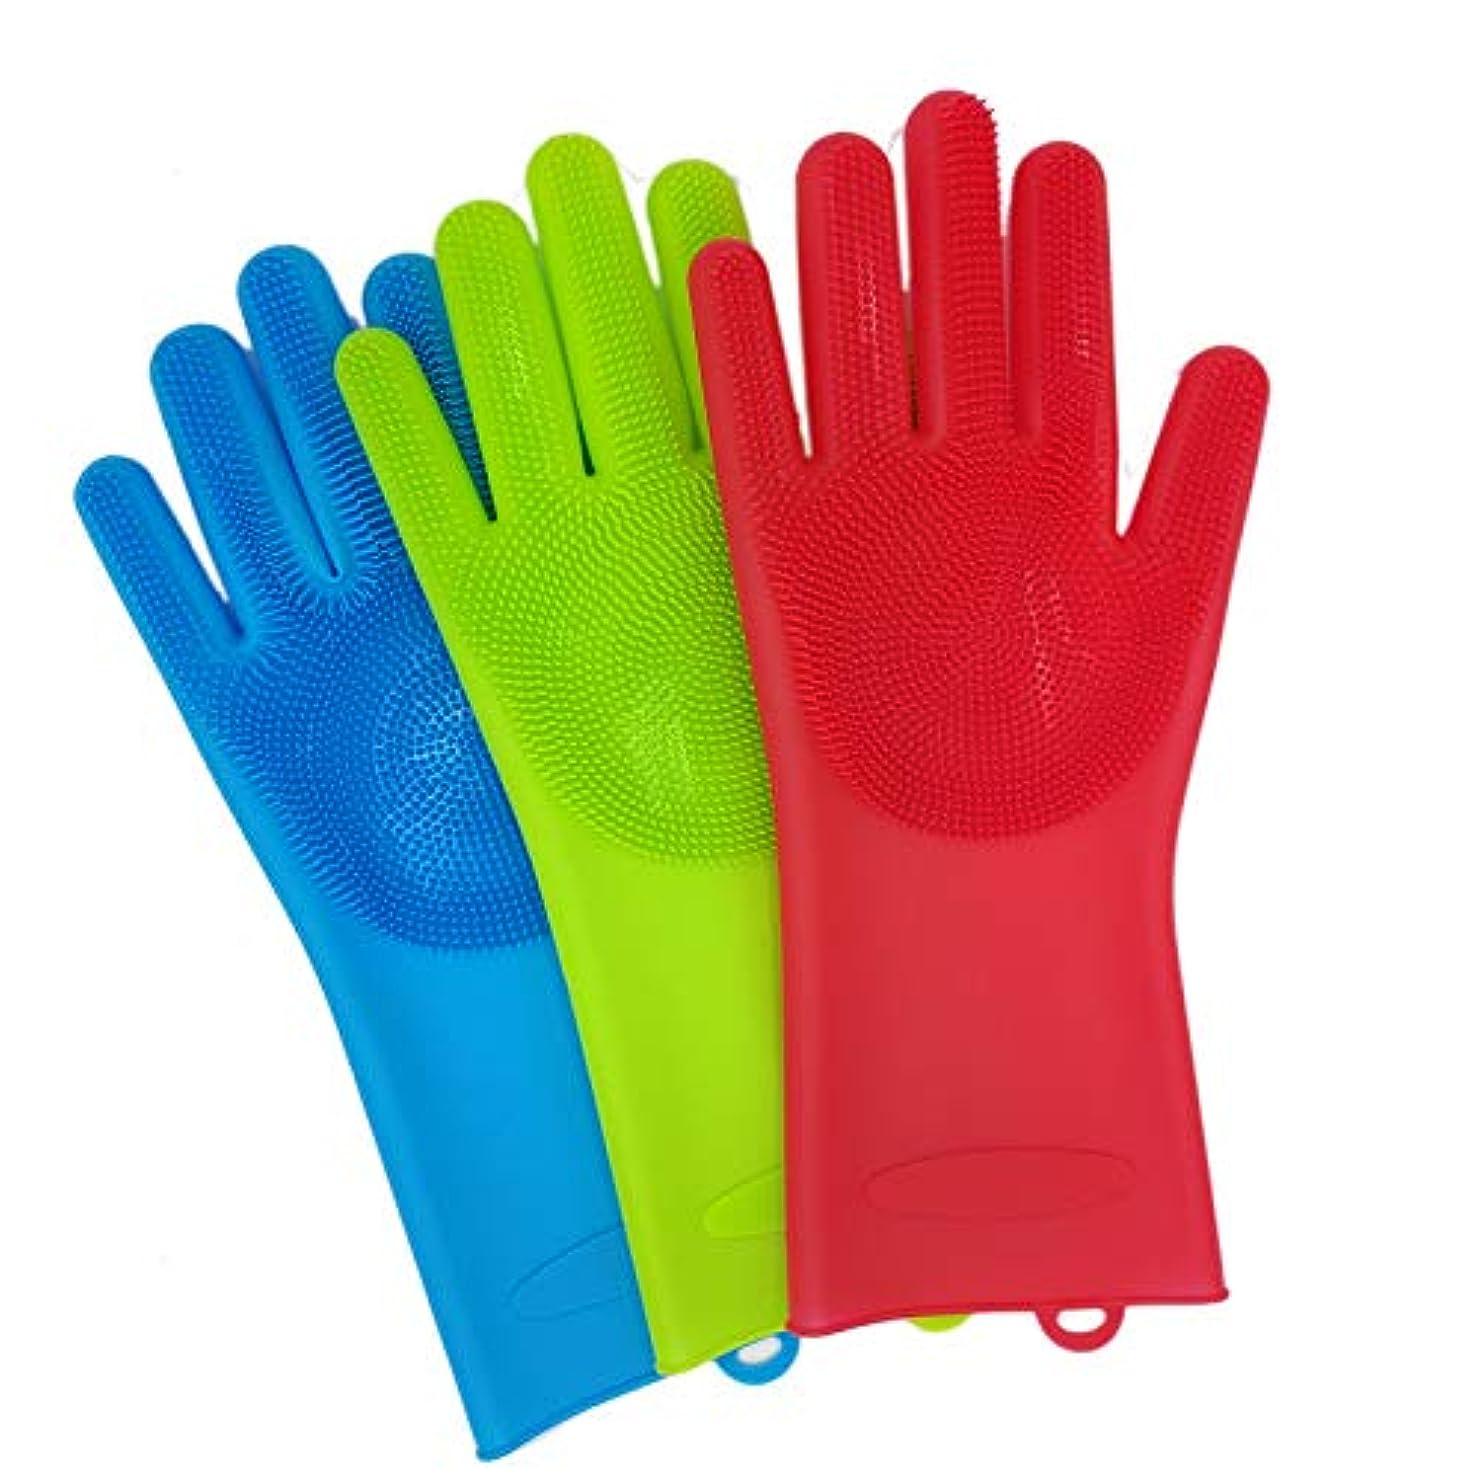 ウイルス奪う弁護士BTXXYJP 手袋 ペット ブラシ 猫 ブラシ グローブ 耐摩耗 クリーナー 抜け毛取り マッサージブラシ 犬 グローブ ペット毛取りブラシ お手入れ (Color : Blue, Size : L)